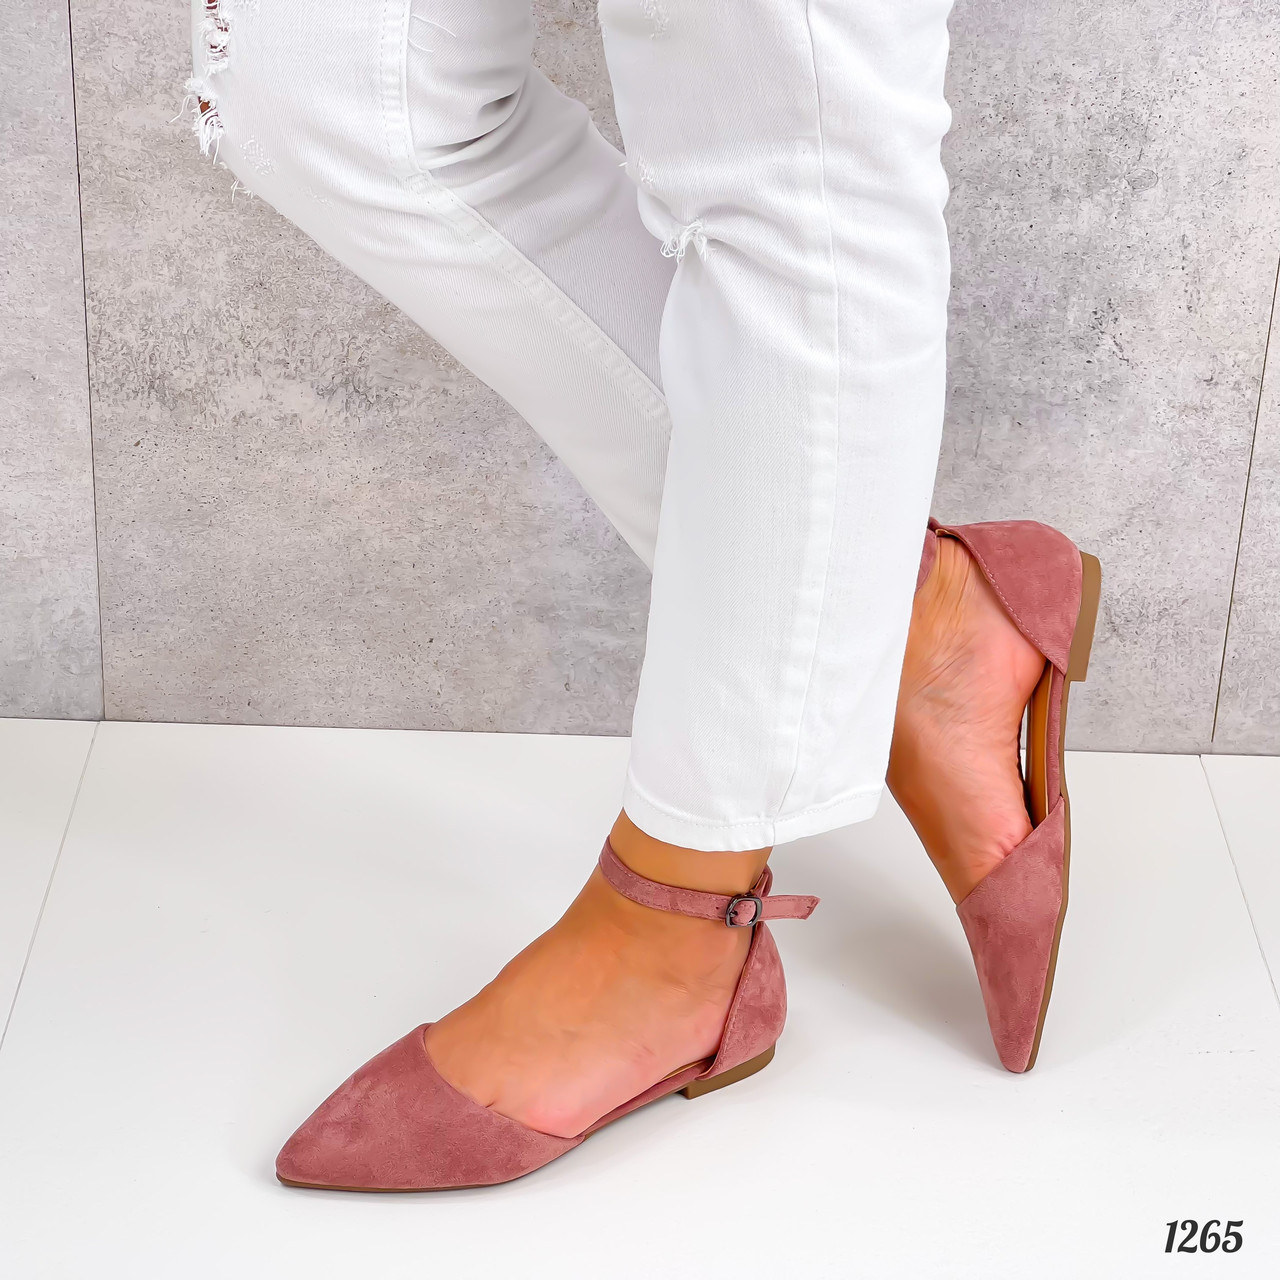 Балетки - босоножки женские розовые / пудровые эко замша